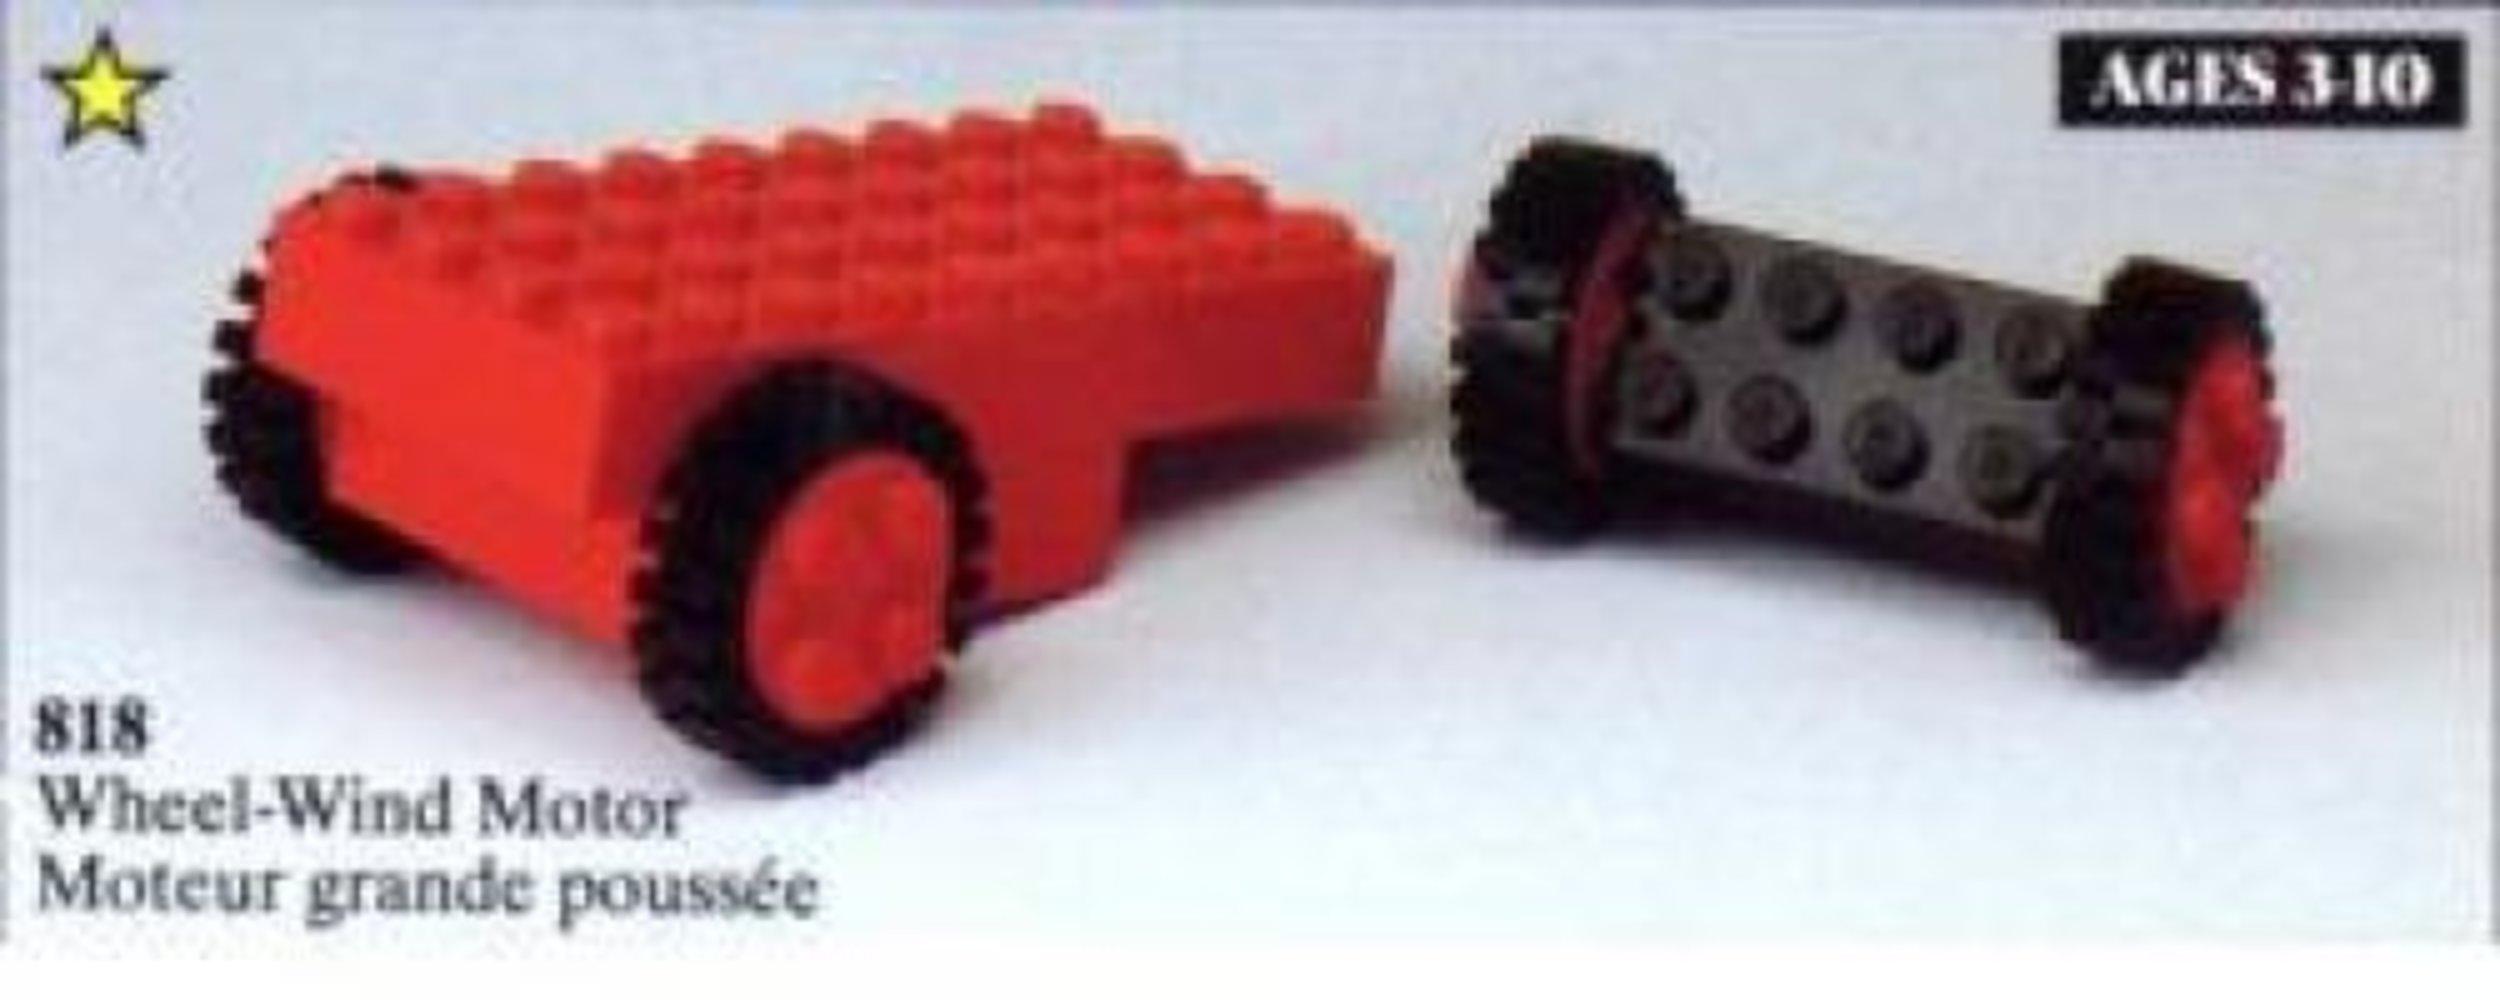 Wheel-Wind Motor